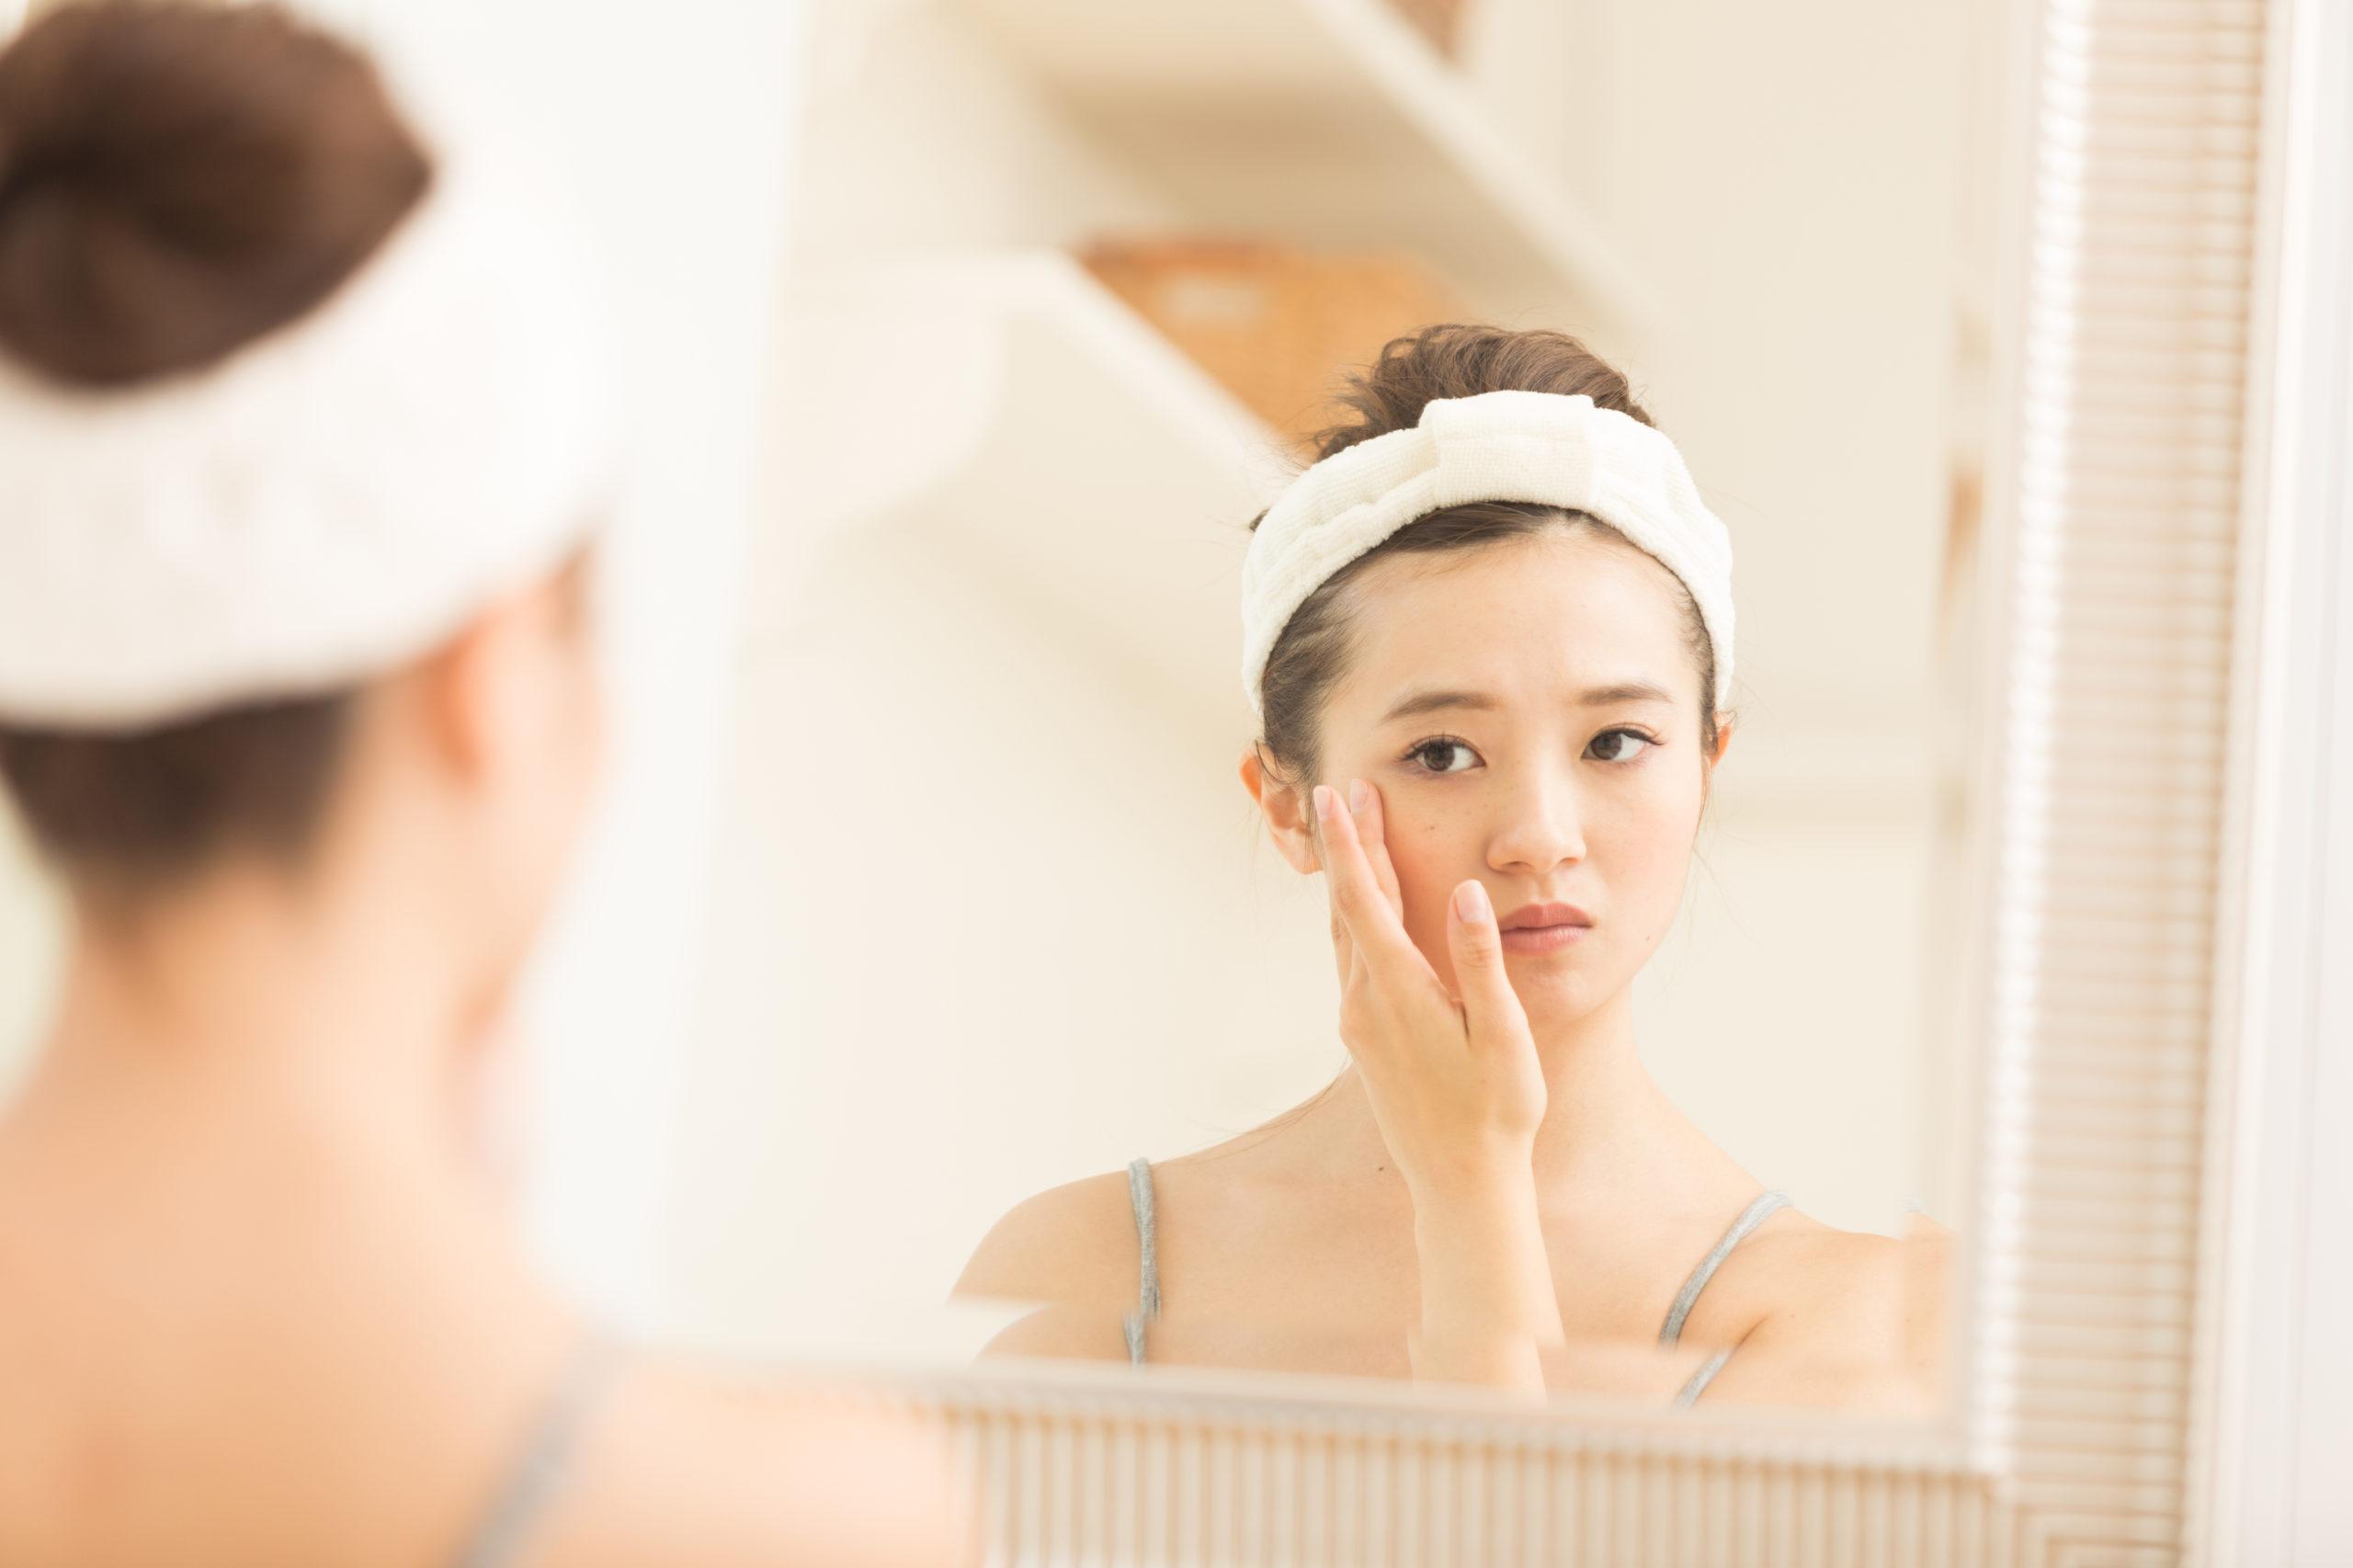 美肌の要は血管力!血管を強くすることで肌荒れ知らずになる方法①